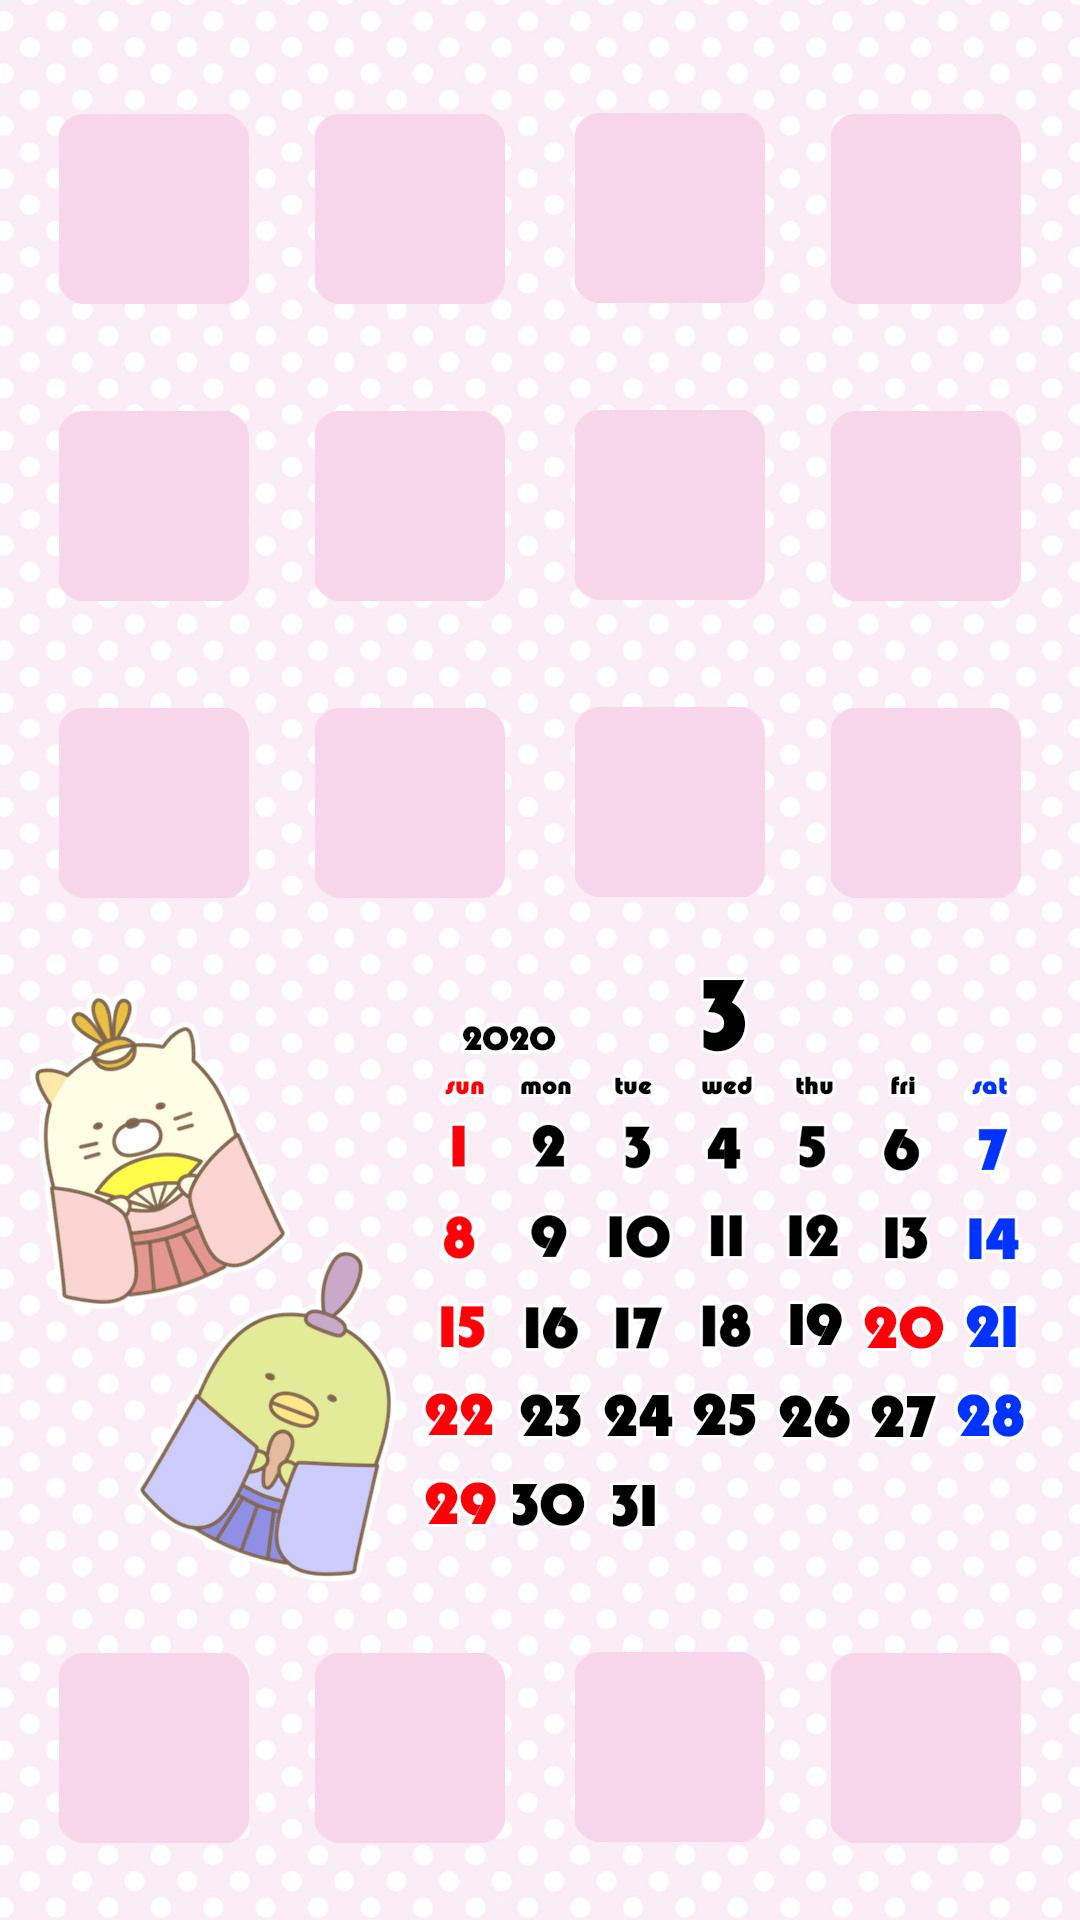 すみっこぐらし 待ち受けカレンダー 2020年3月 iPhone用 日曜始まり